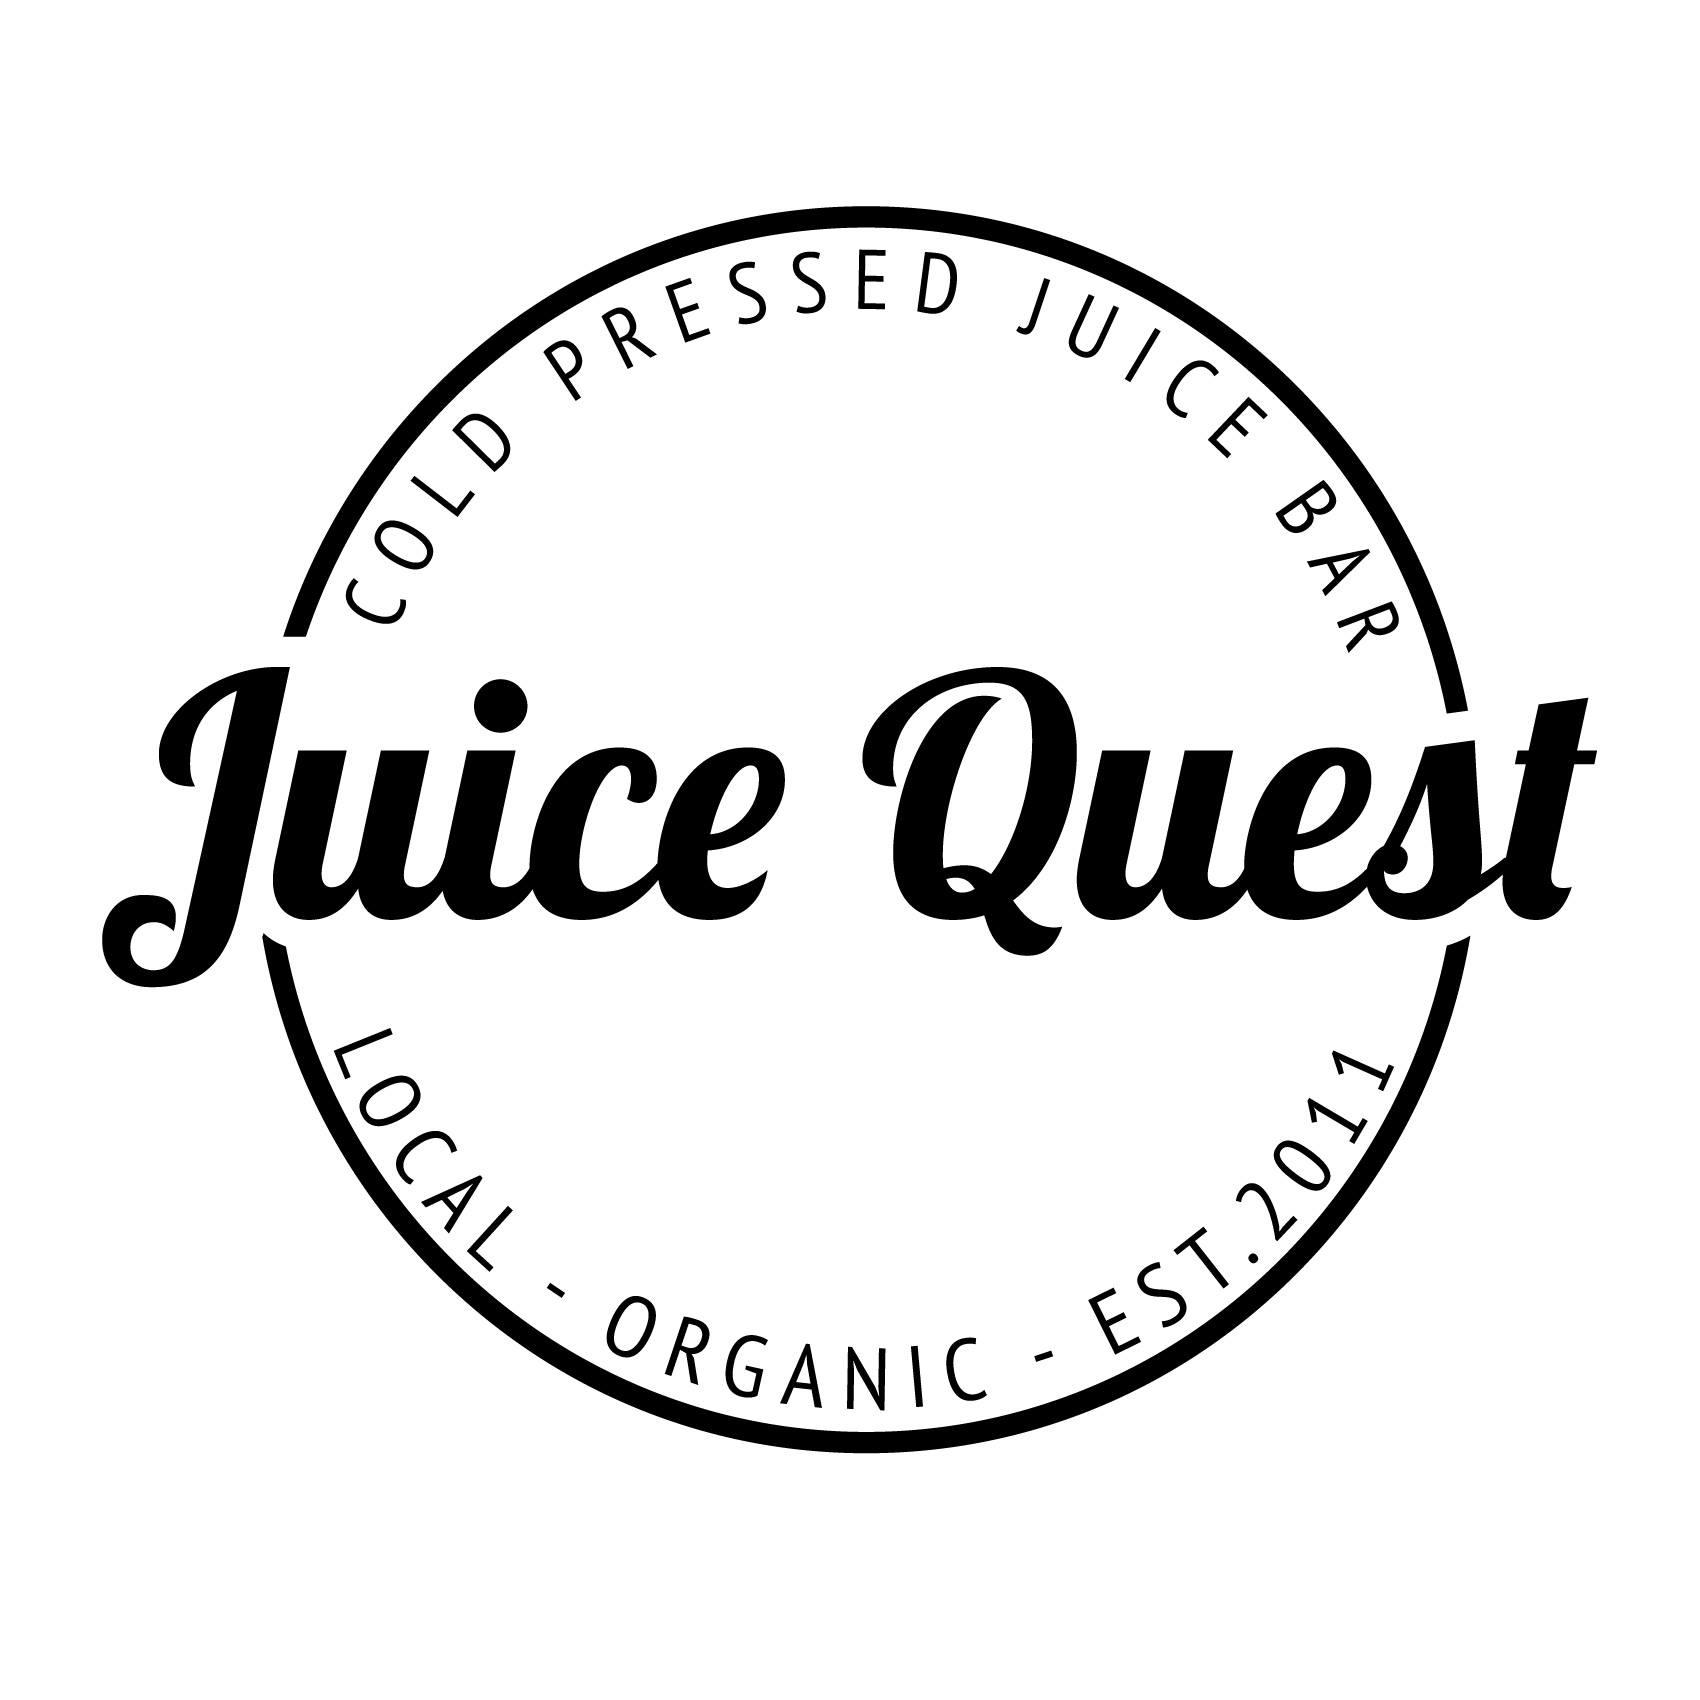 juice-quest-01.jpg